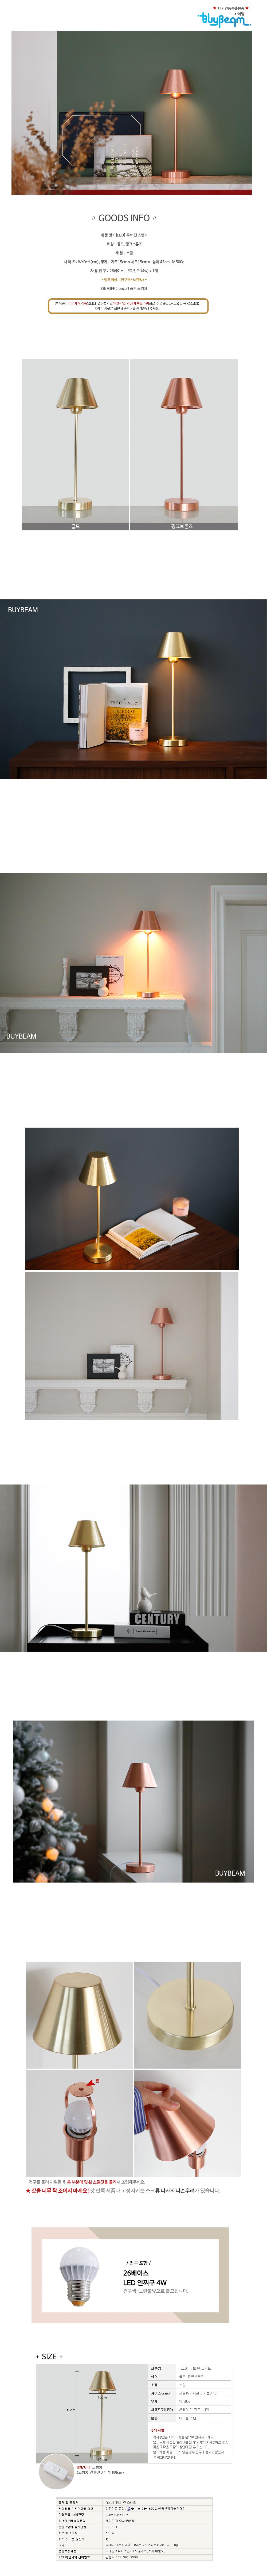 [LED] 무브 단 스탠드-골드 - 바이빔, 47,200원, 리빙조명, 테이블조명